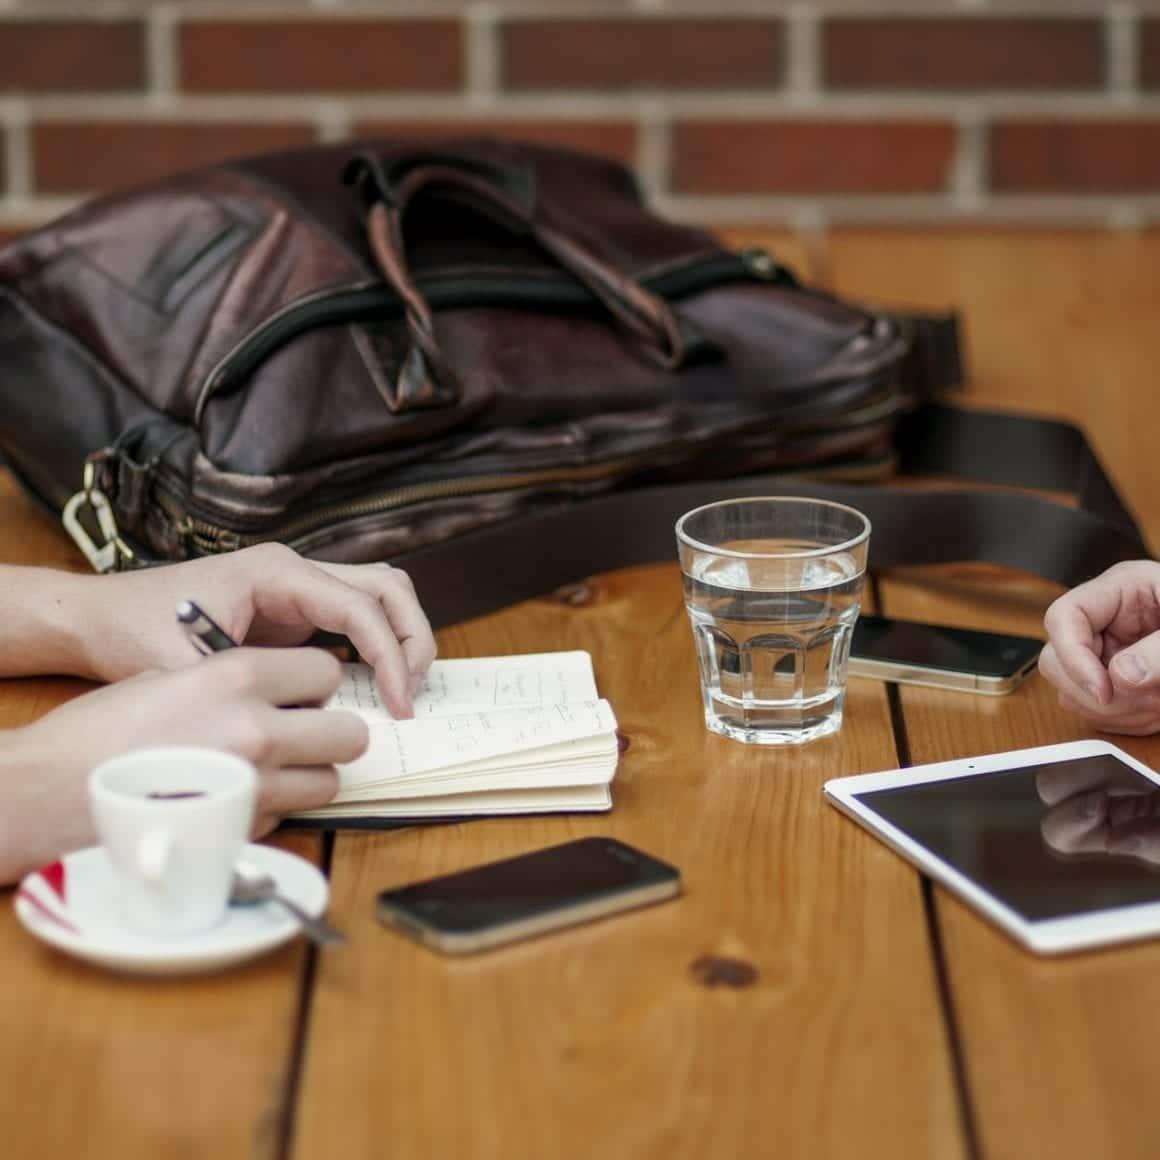 Ipad med företagsabonnemang på bord vid möte.